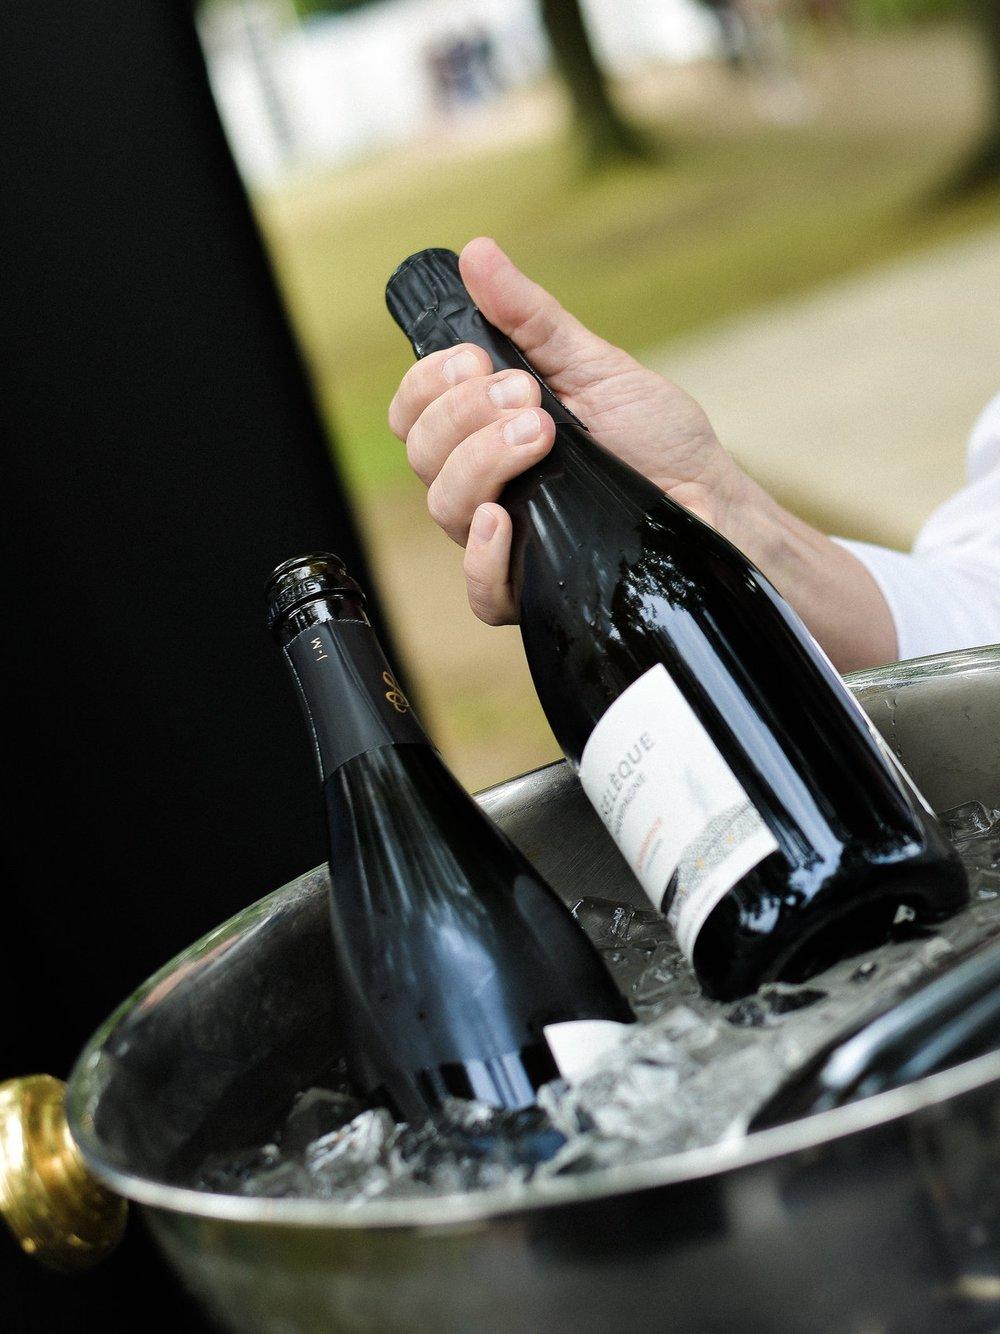 Tu portfolio online las 24hs - Presentá tus Vinos & Spirits de un modo claro, prolijo y consistente, disponible para tus compradores las 24hs, todos los días del año.